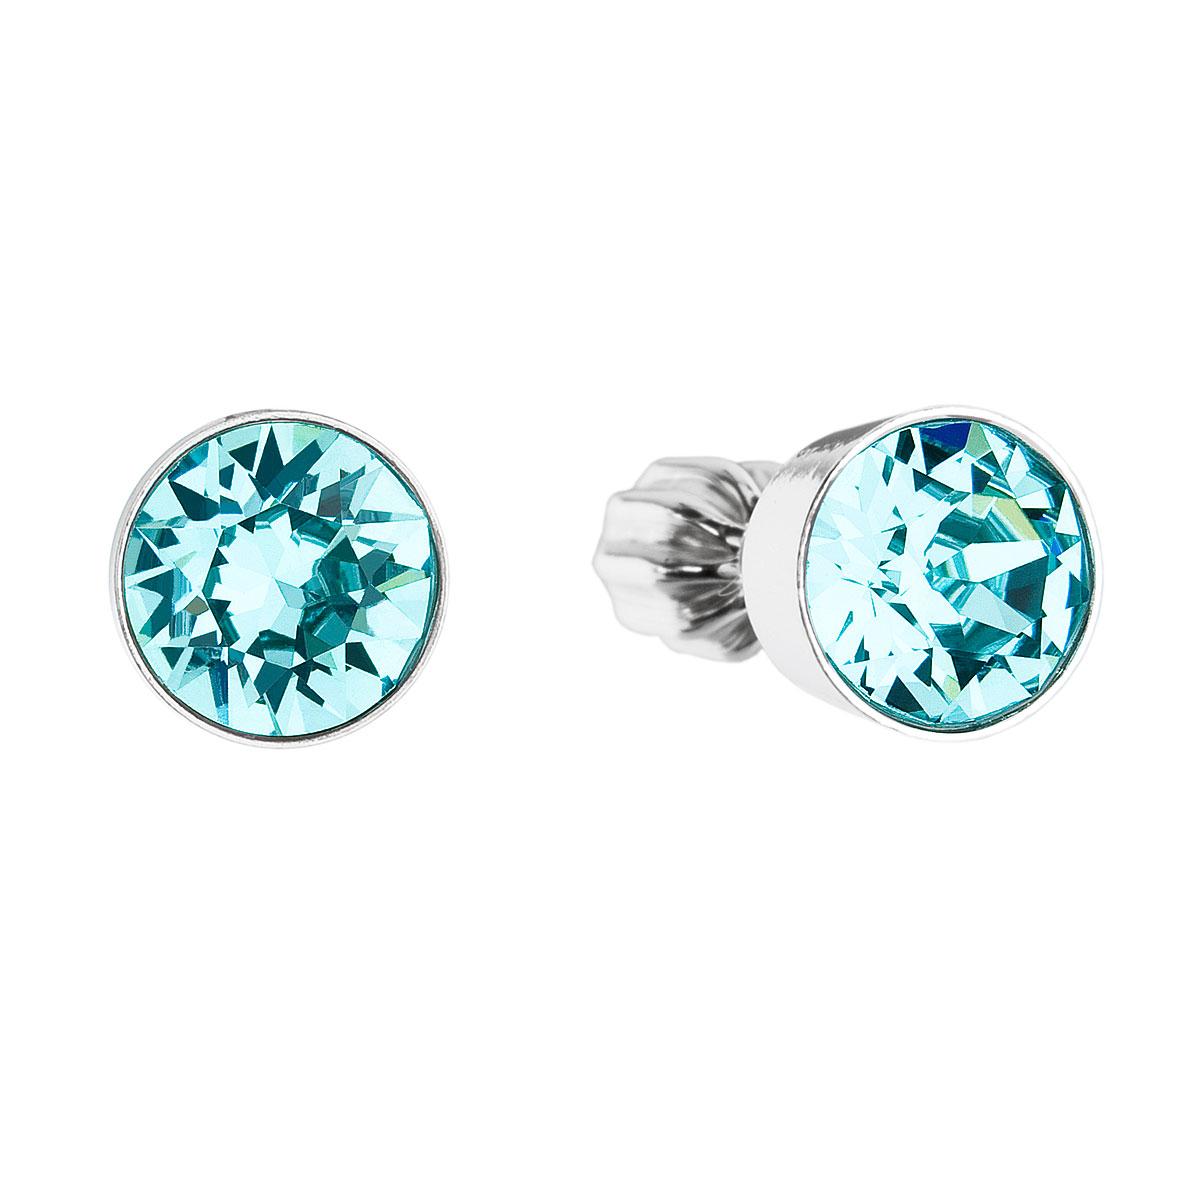 Stříbrné náušnice pecka s krystaly modré kulaté 31113.3 light turquoise